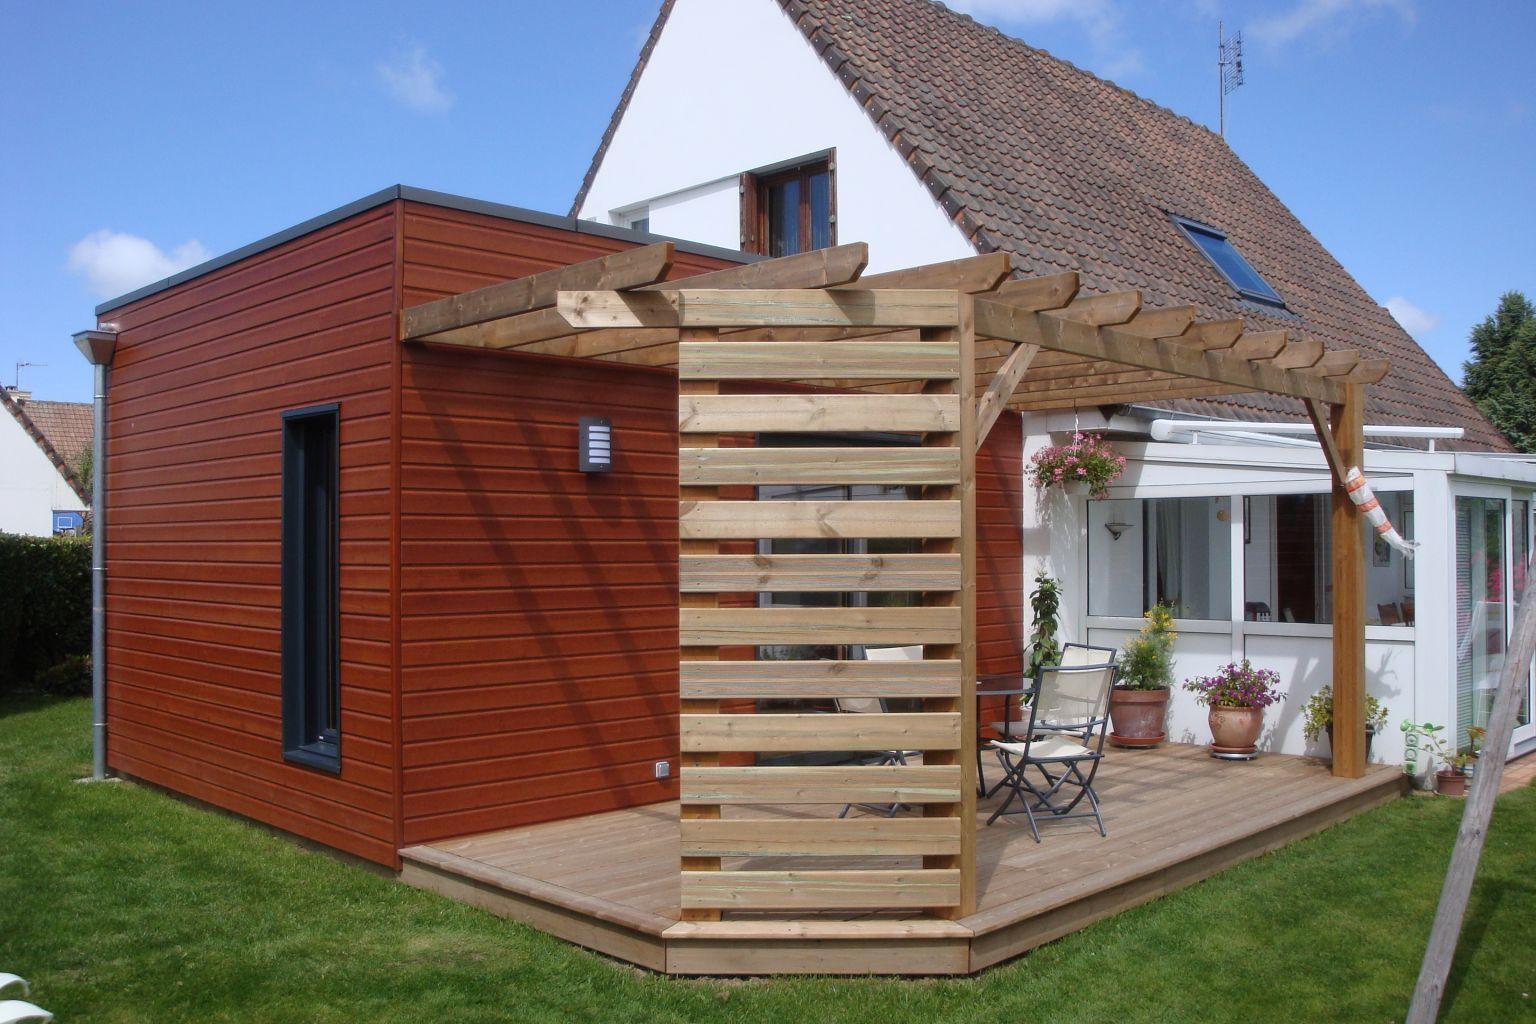 Extensions bois offranville 76550 djsl bois for Extension maison zone rurale